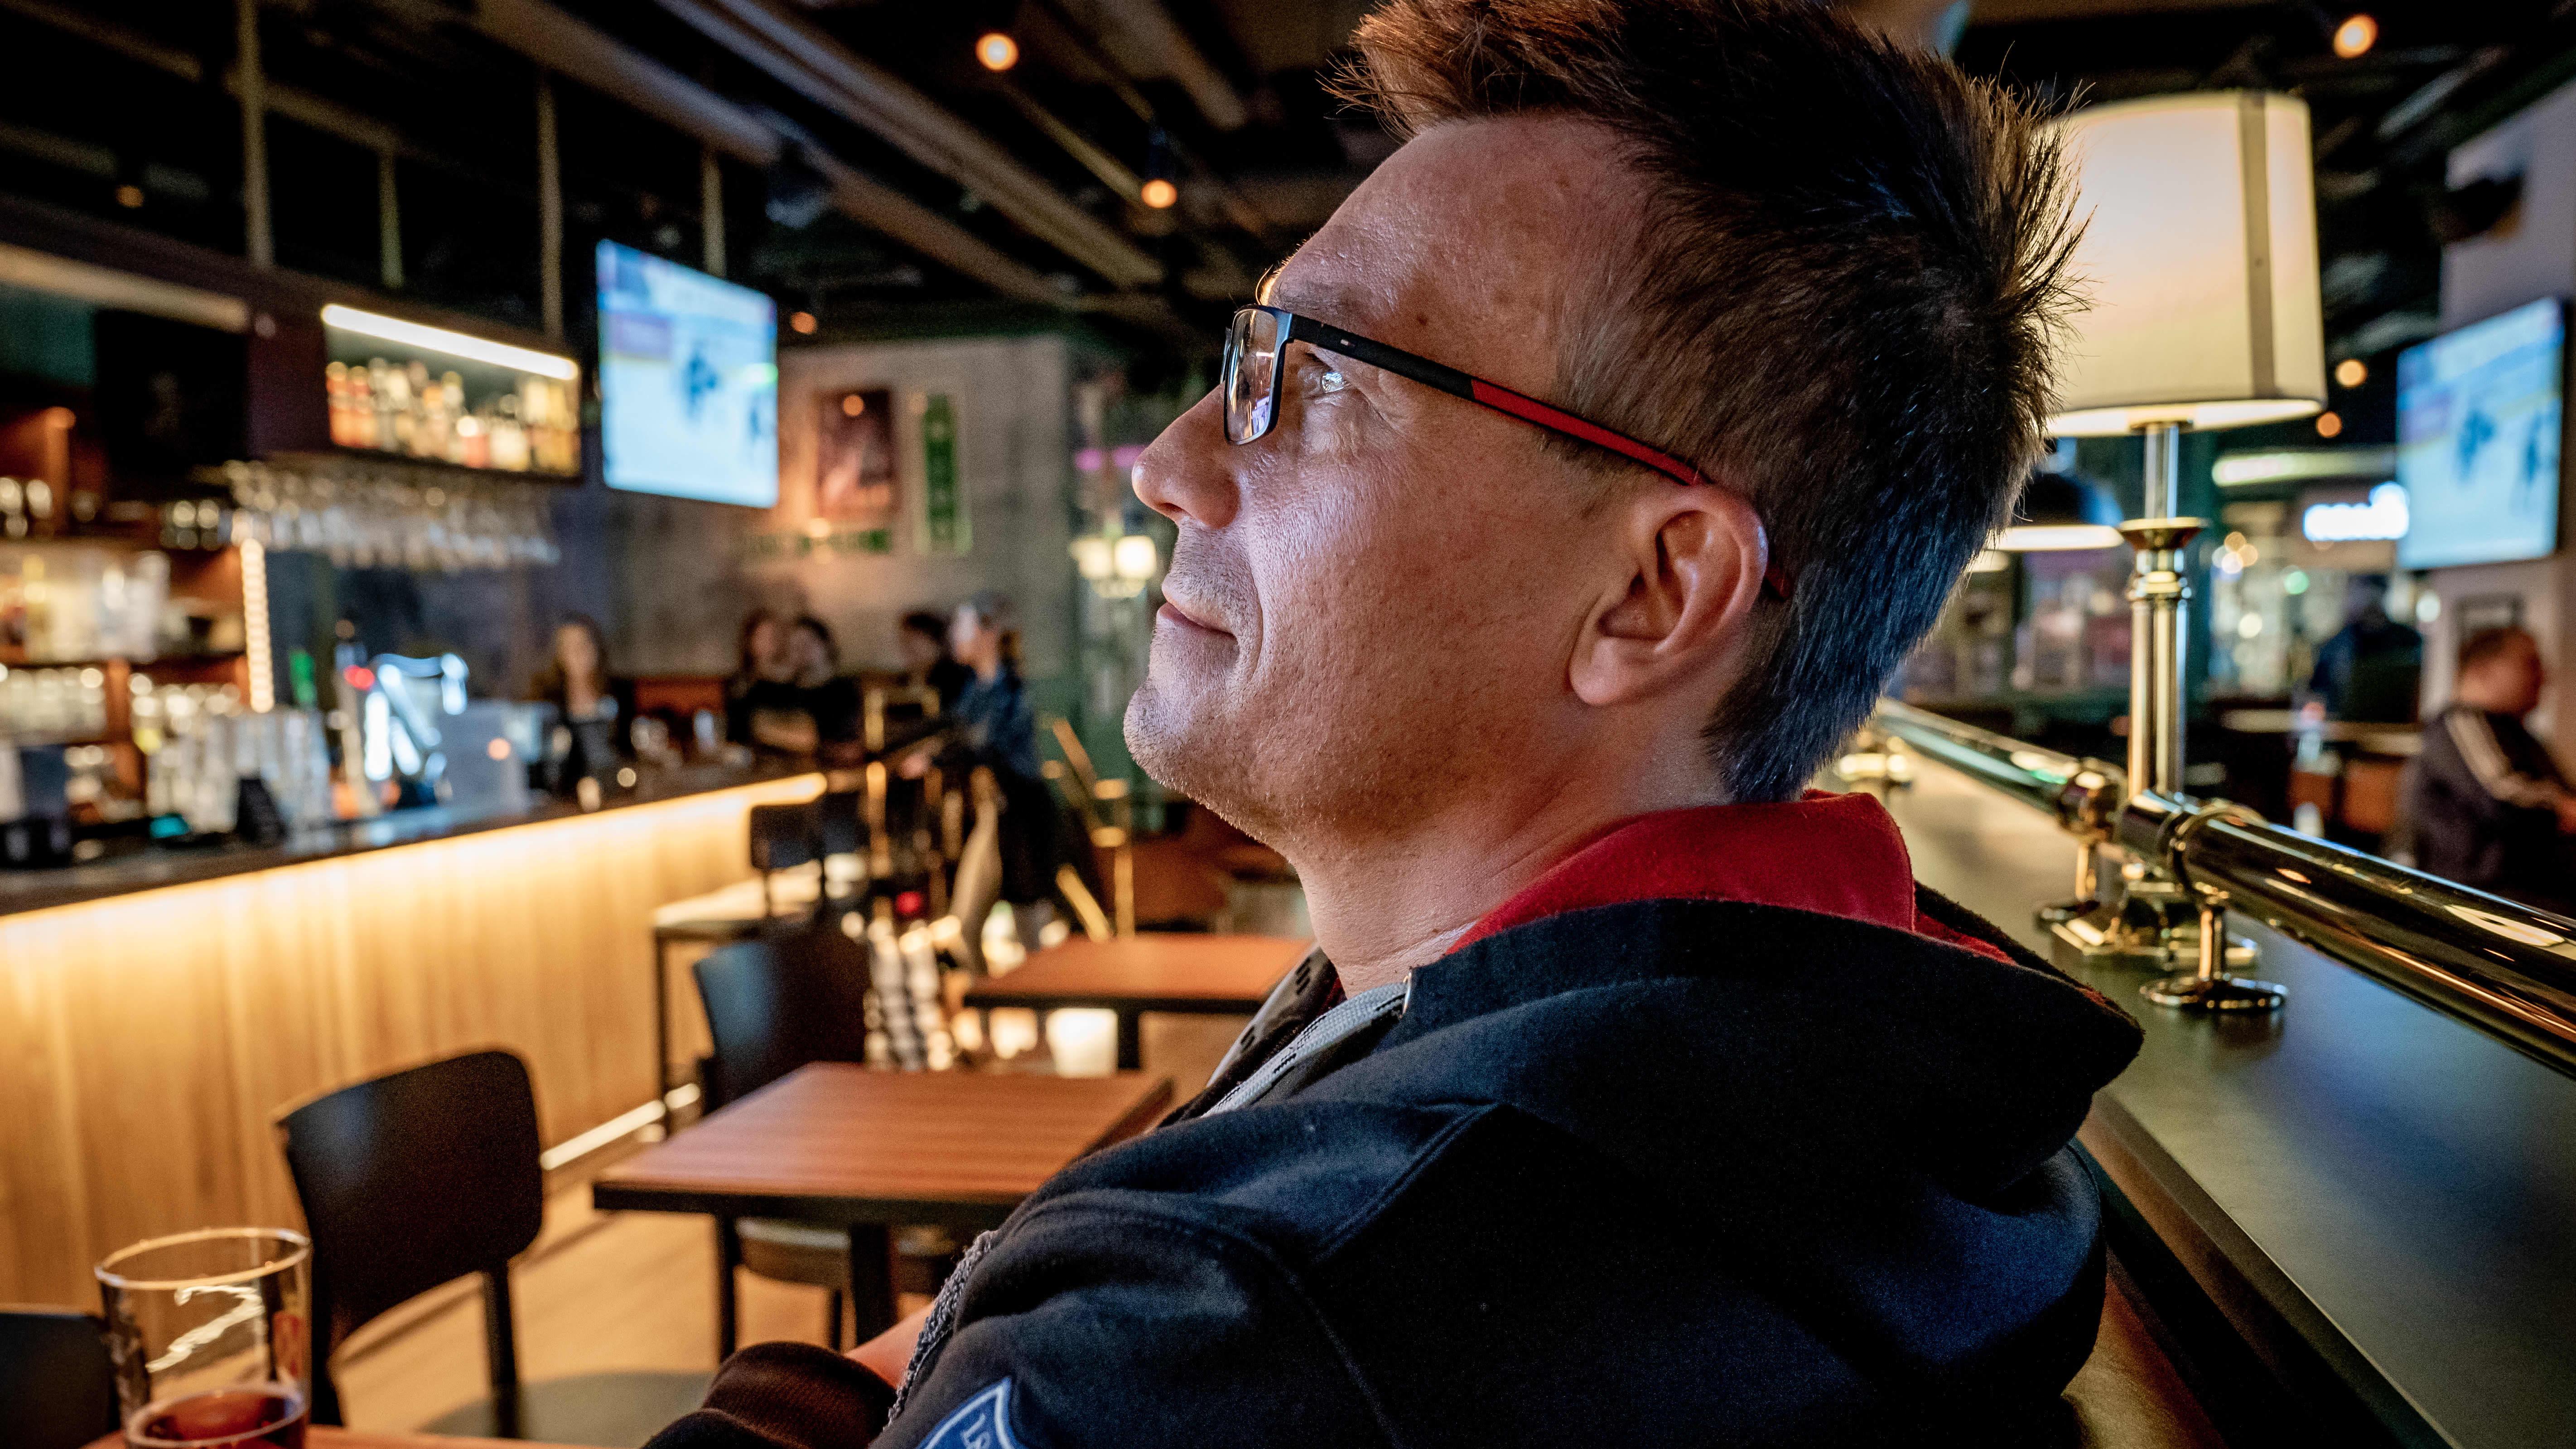 Ronny Höglund viettää iltaa ravintola O´Learysissa Helsingissä